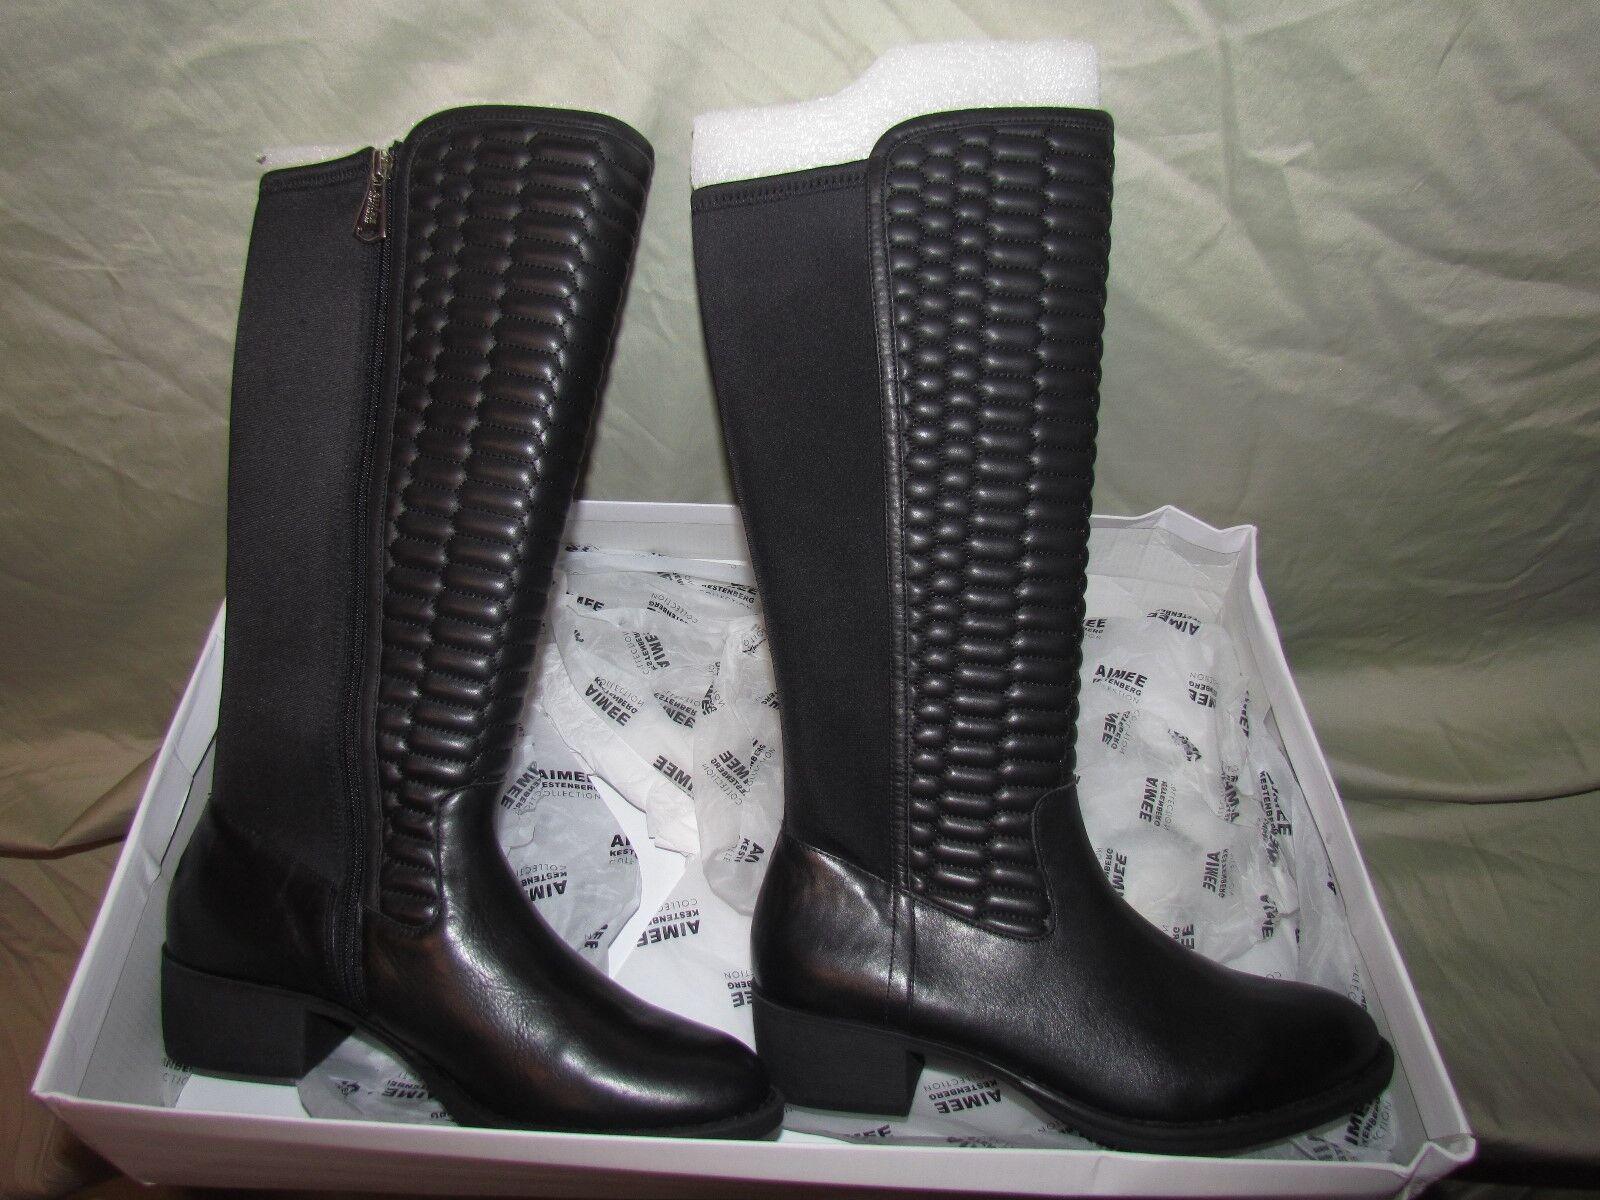 botas de de de cuero de altura del eje Aimee Kestenberg-Aimee tamaño 11 medio  cómodo